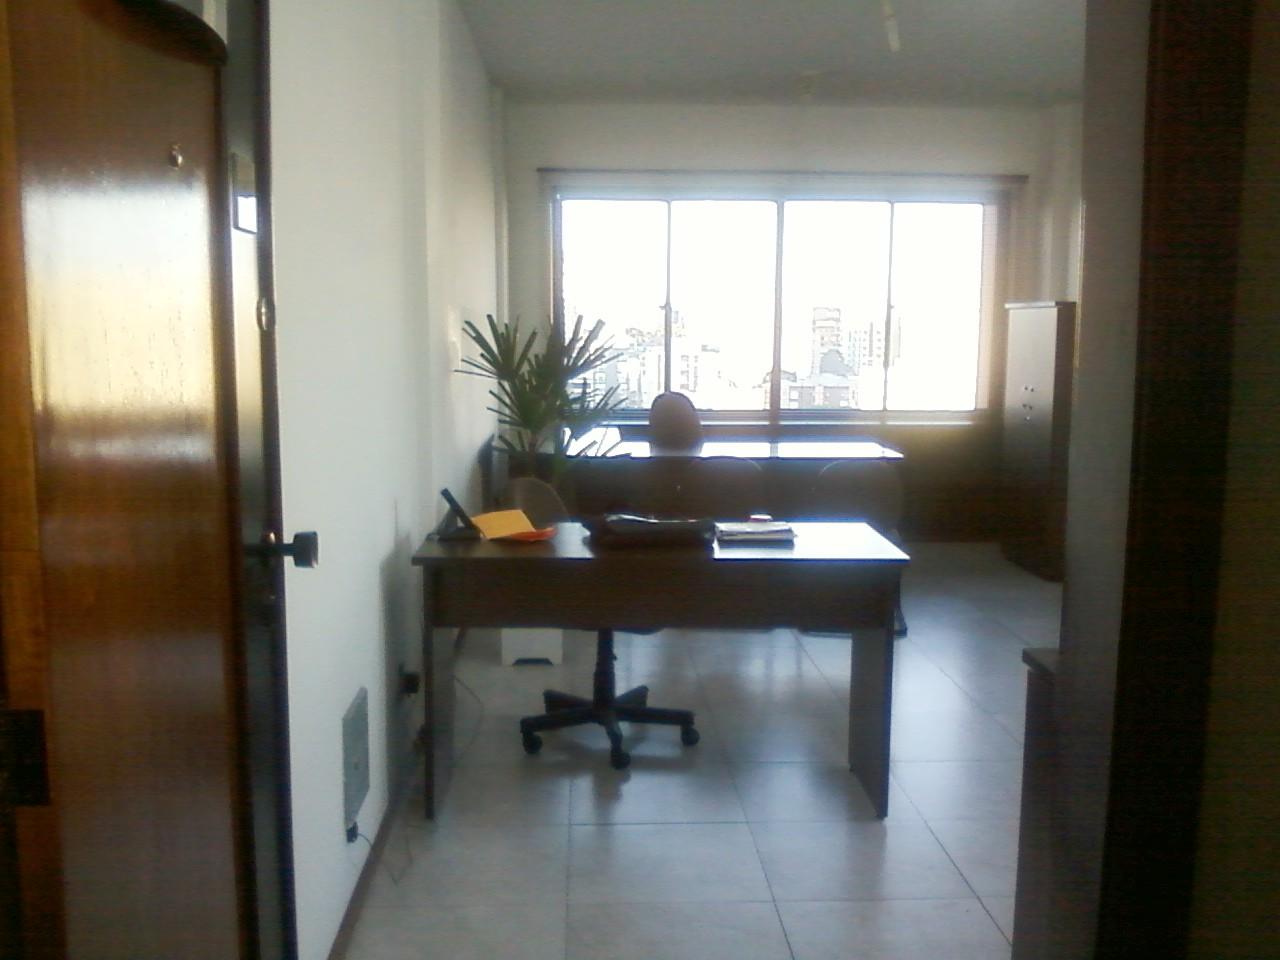 de advocacia antes escritorio de advocacia depois escritorio de  #5F4427 1280x960